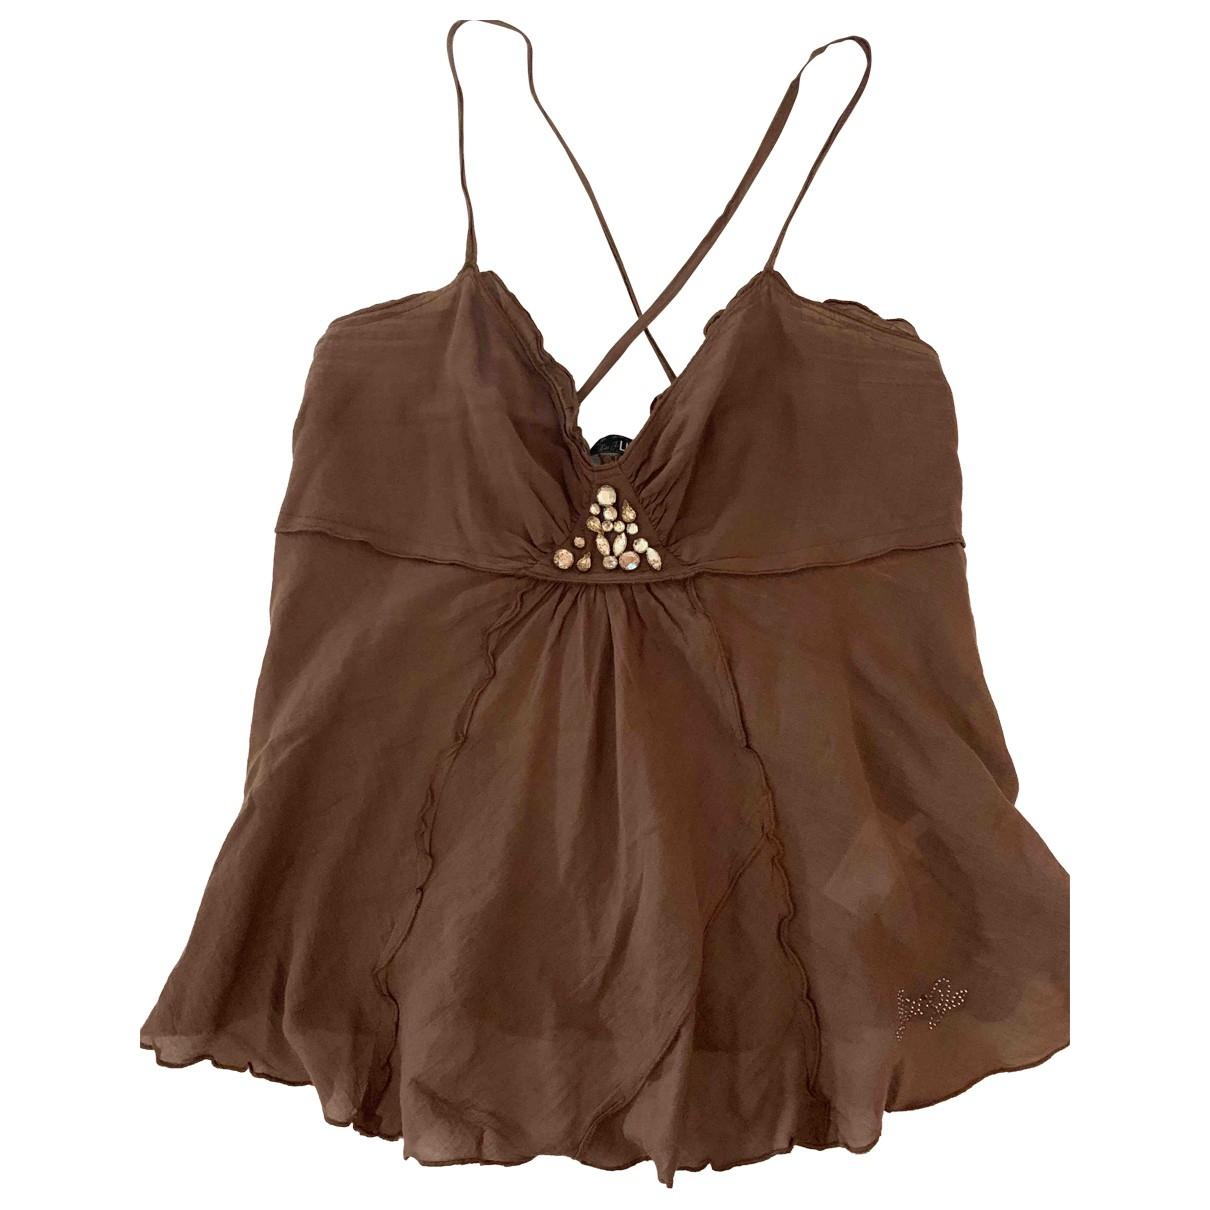 Liu.jo - Top   pour femme en coton - marron